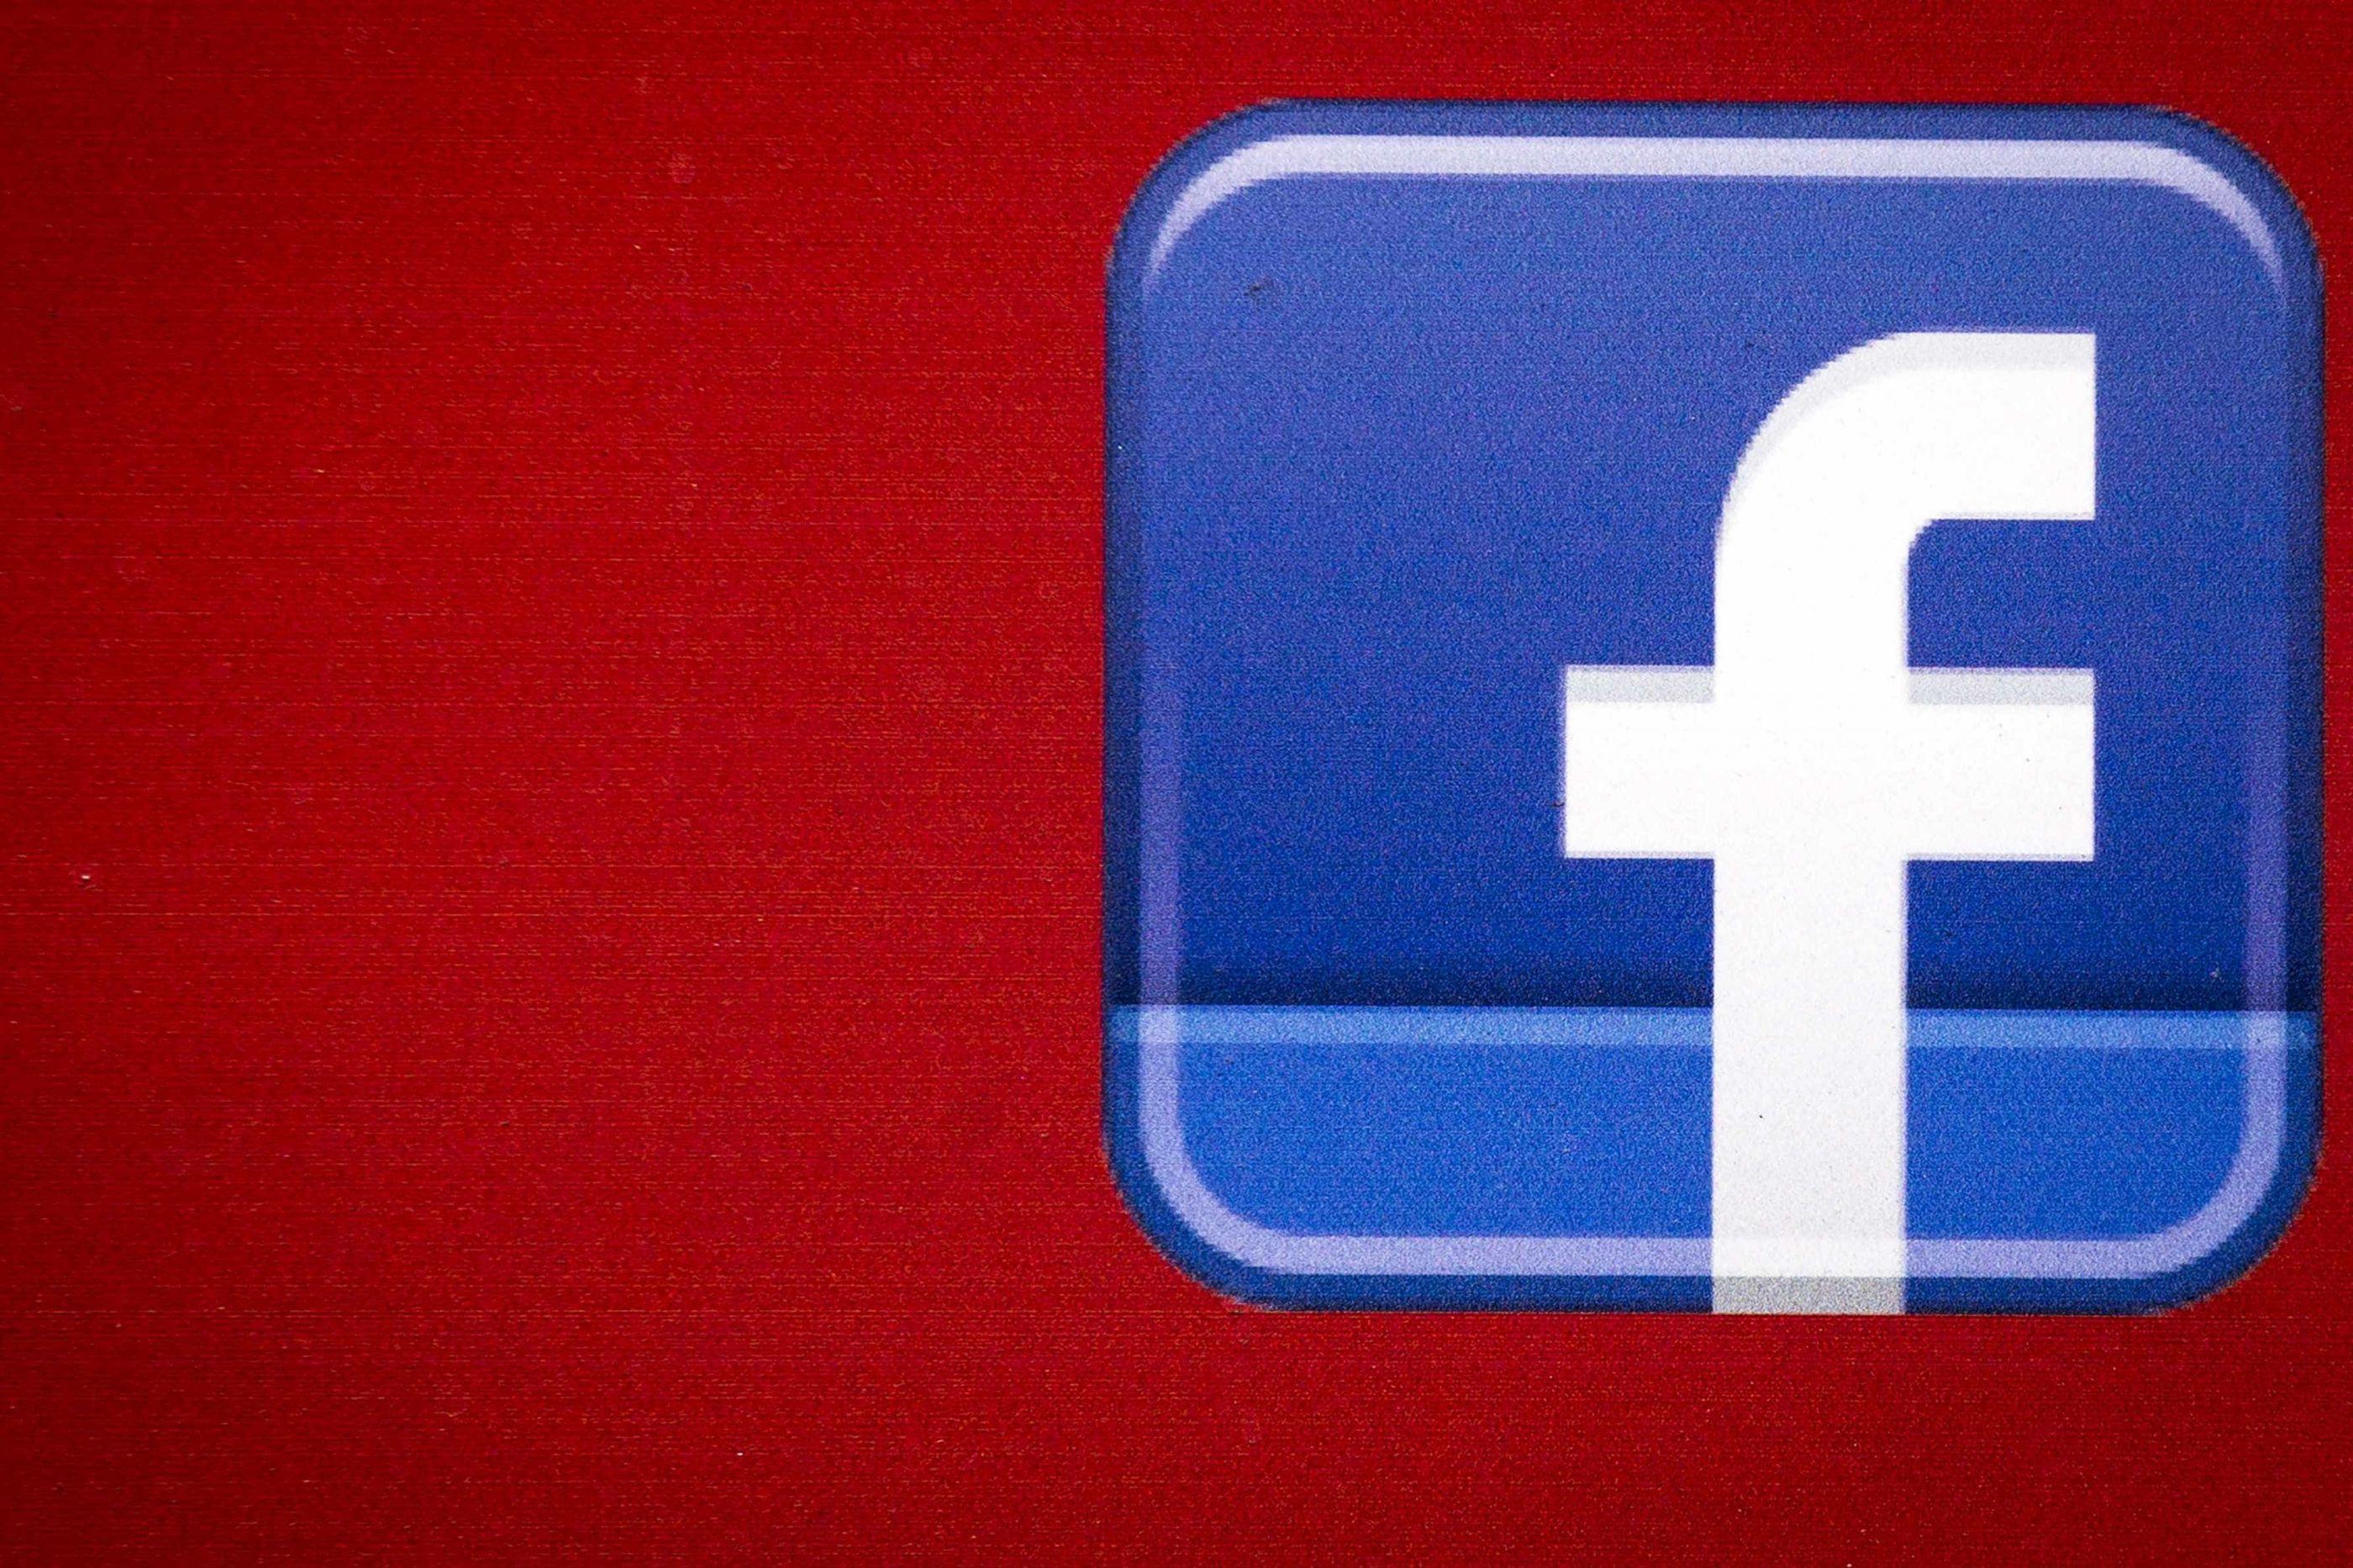 Massacre da Nova Zelândia foi transmitido no Facebook. Vídeo foi apagado